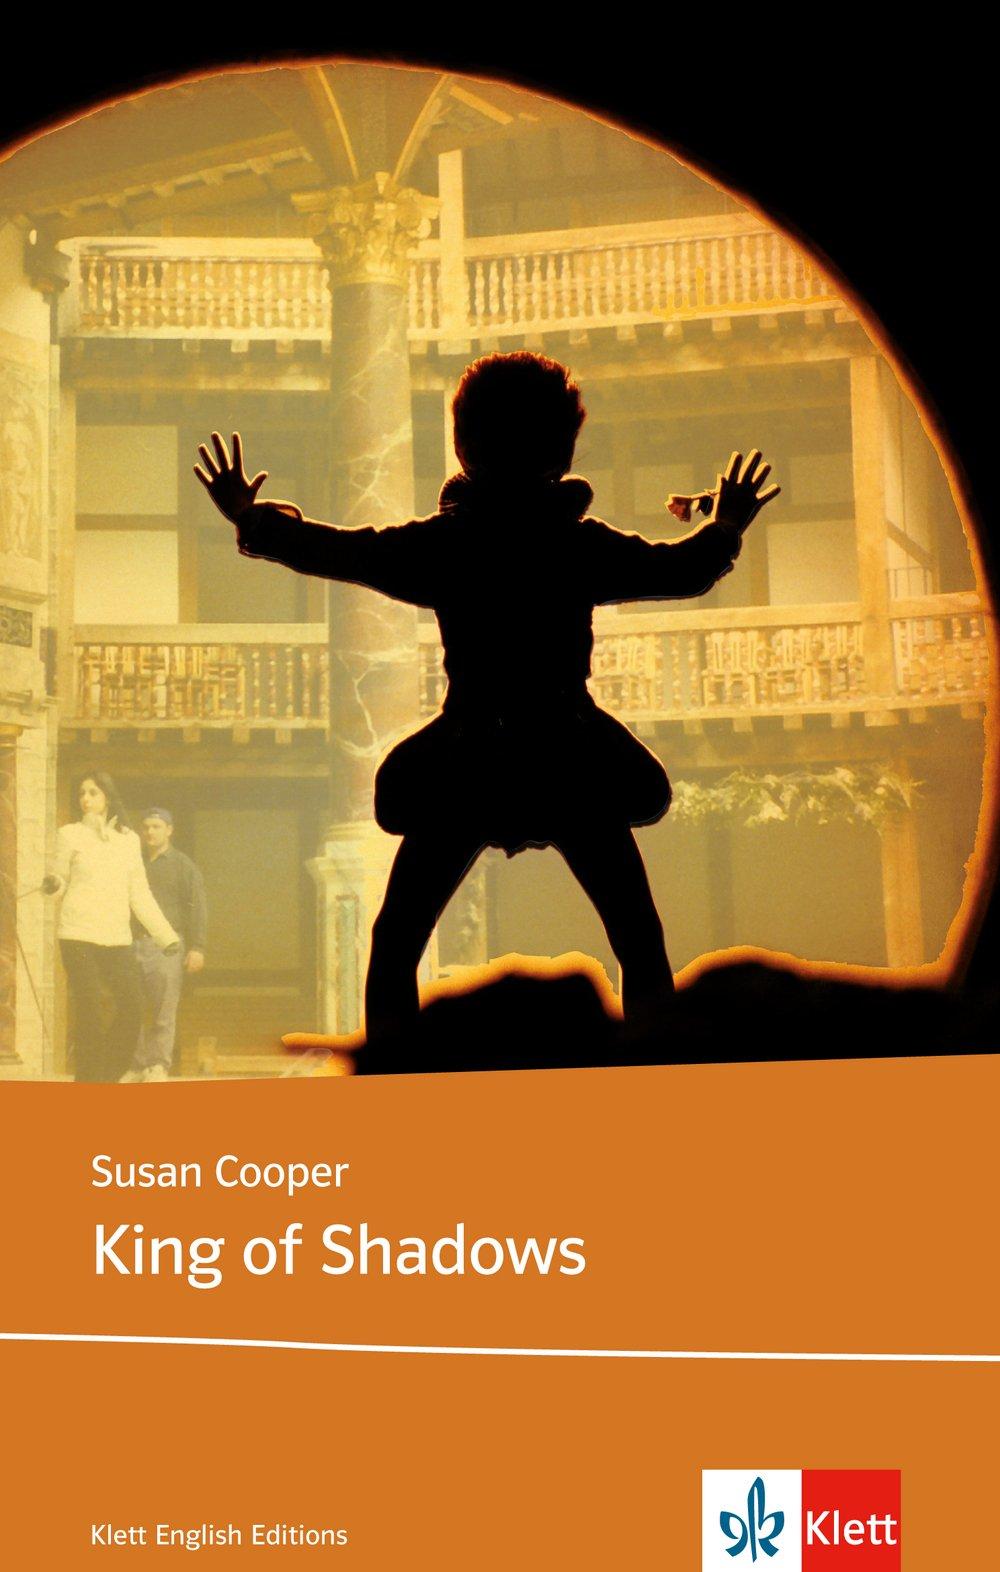 King of Shadows: Schulausgabe für das Niveau B1, ab dem 5. Lernjahr. Ungekürzter englischer Originaltext mit Annotationen (Young Adult Literature: Klett English Editions)